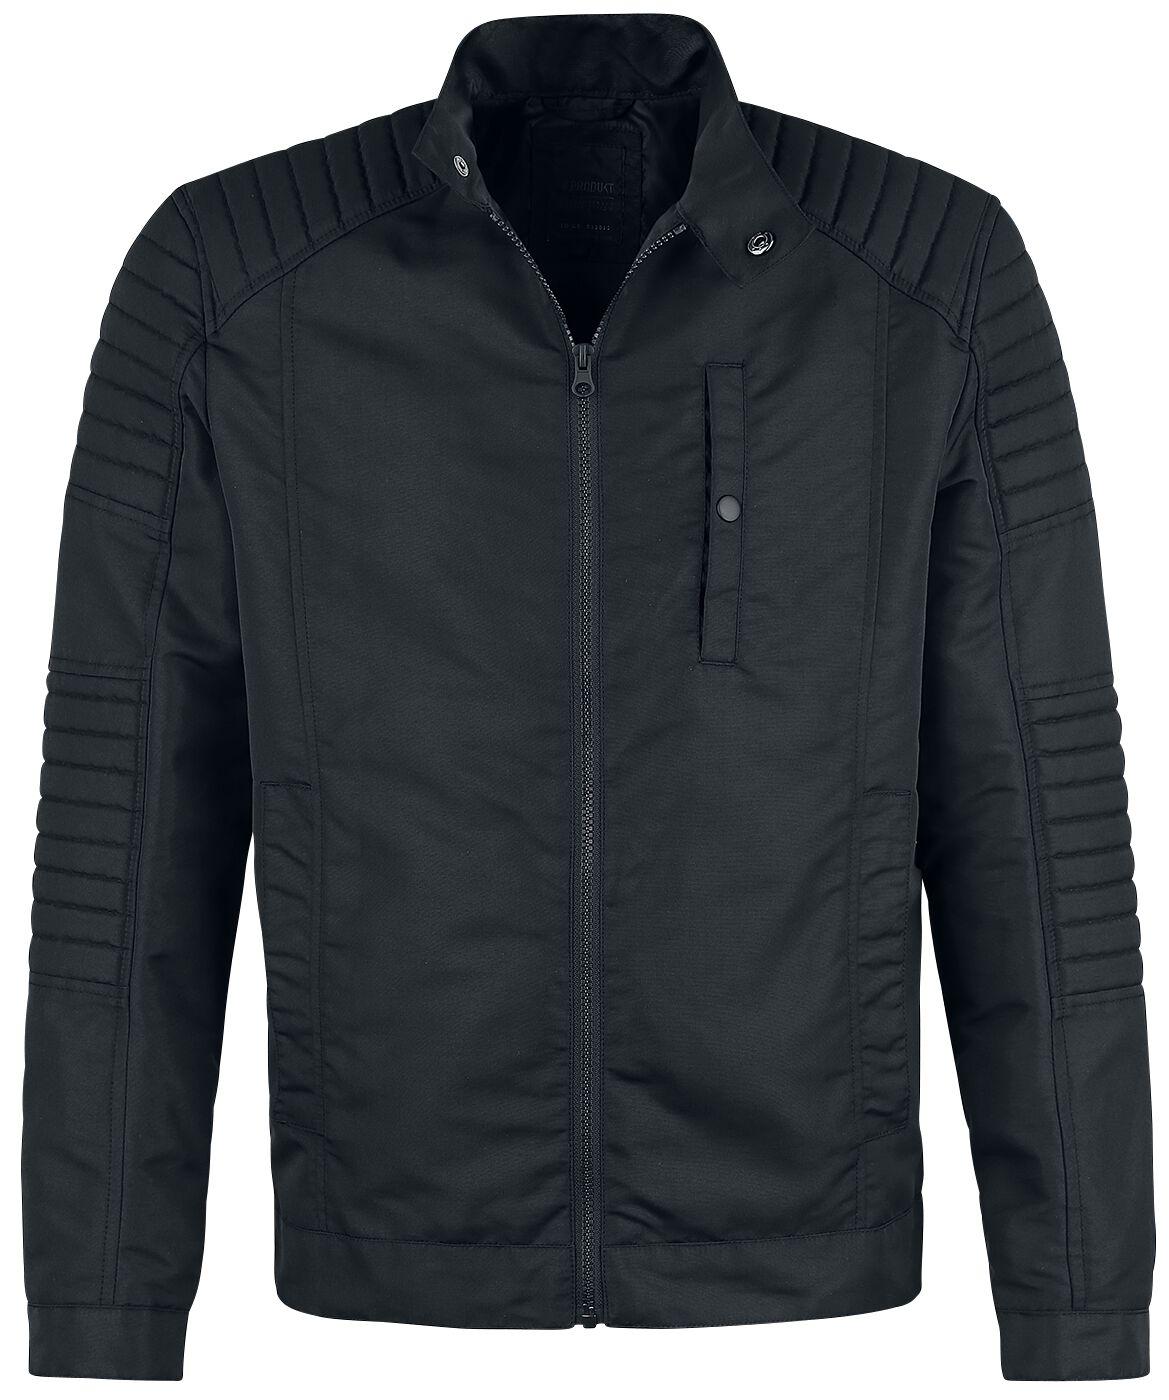 Marki - Kurtki - Kurtka Produkt Hardcore Jacket Kurtka czarny - 365774